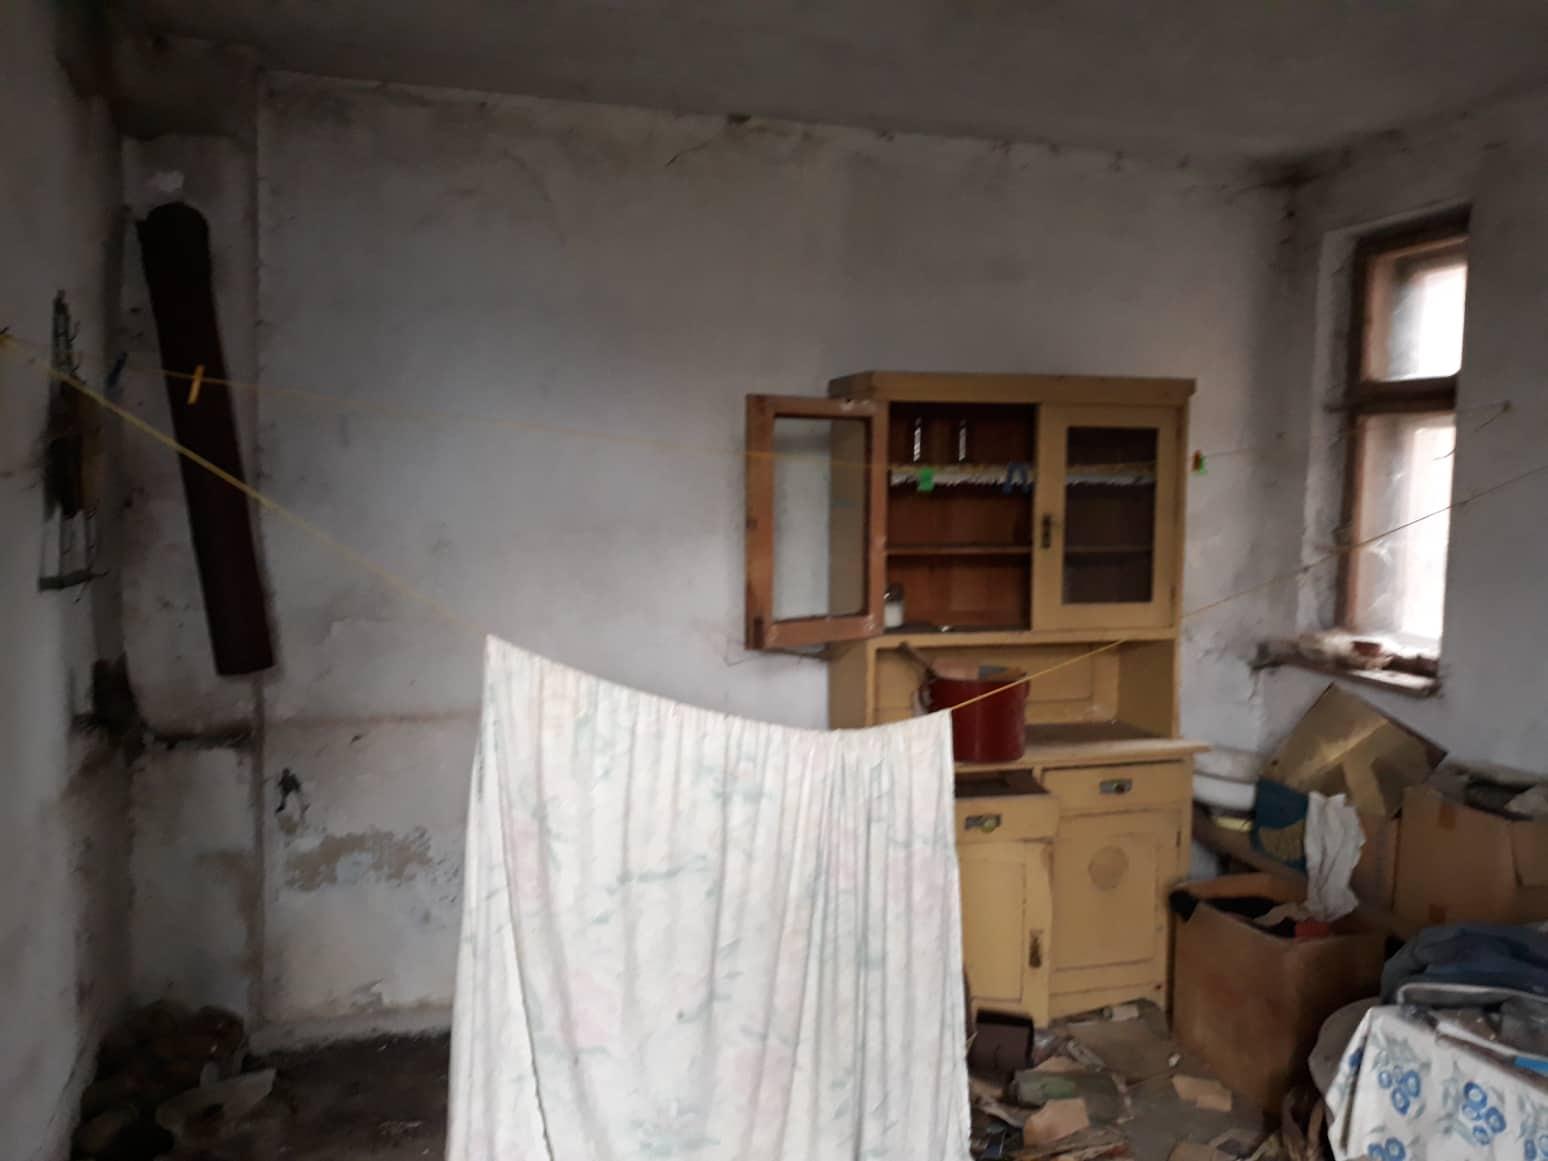 Rekonštrukcia domu-alebo chceme si splniť sen =》🏠🌻🌼🐶  mat domcek a vratit sa na Slovensko - letna kuchyna